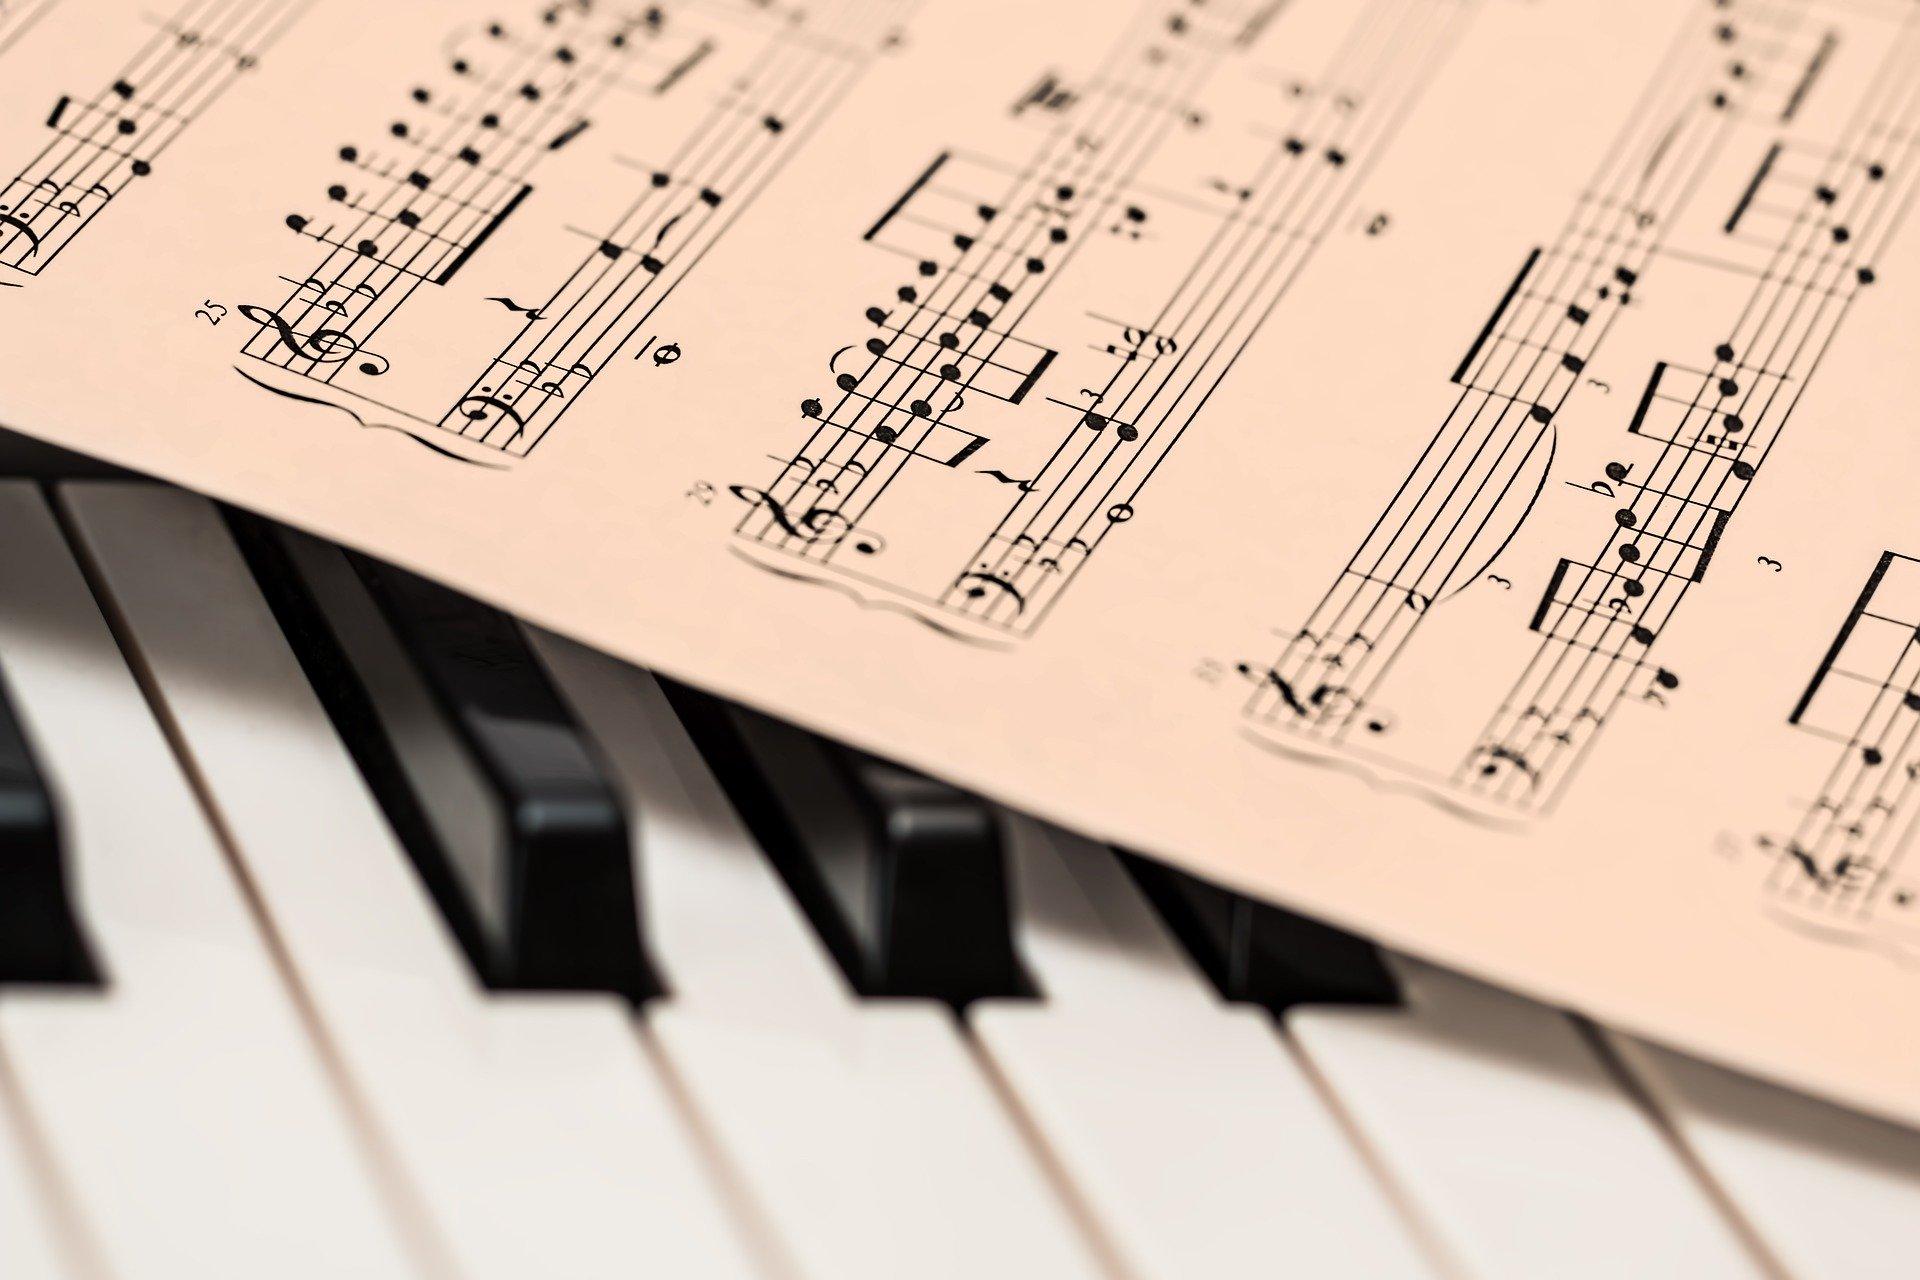 Μαθήματα μουσικής για παιδιά στο Αττικό Ωδείο Τρίπολης 2020-2021